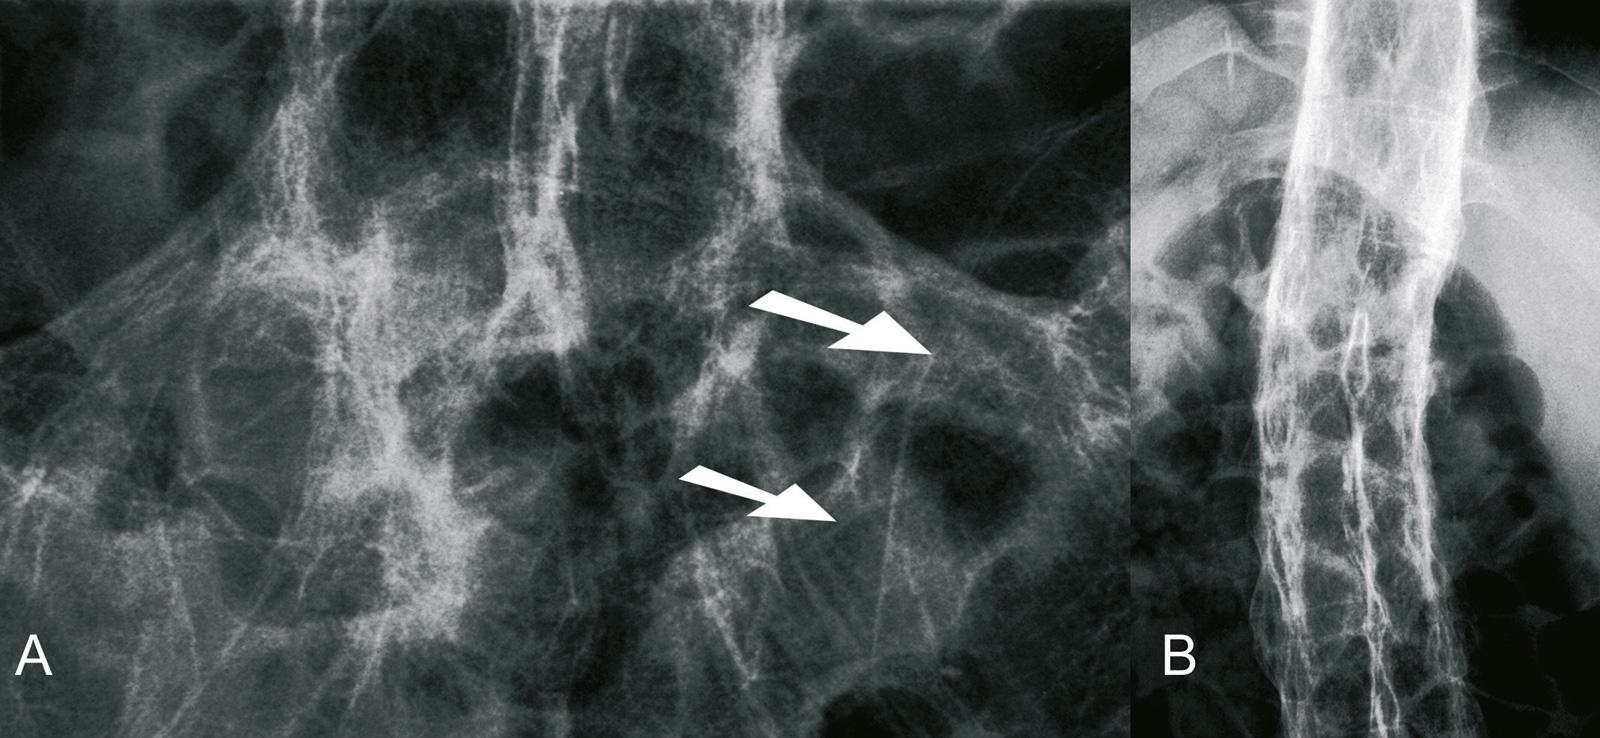 """Abb. 5-14: Vollständige Fusion der ISG-Fugen (A) und Einsteifung der Wirbelsäule (""""Bambusstab"""") (B) bei einem 48-jährigen Patienten mit Morbus Bechterew"""